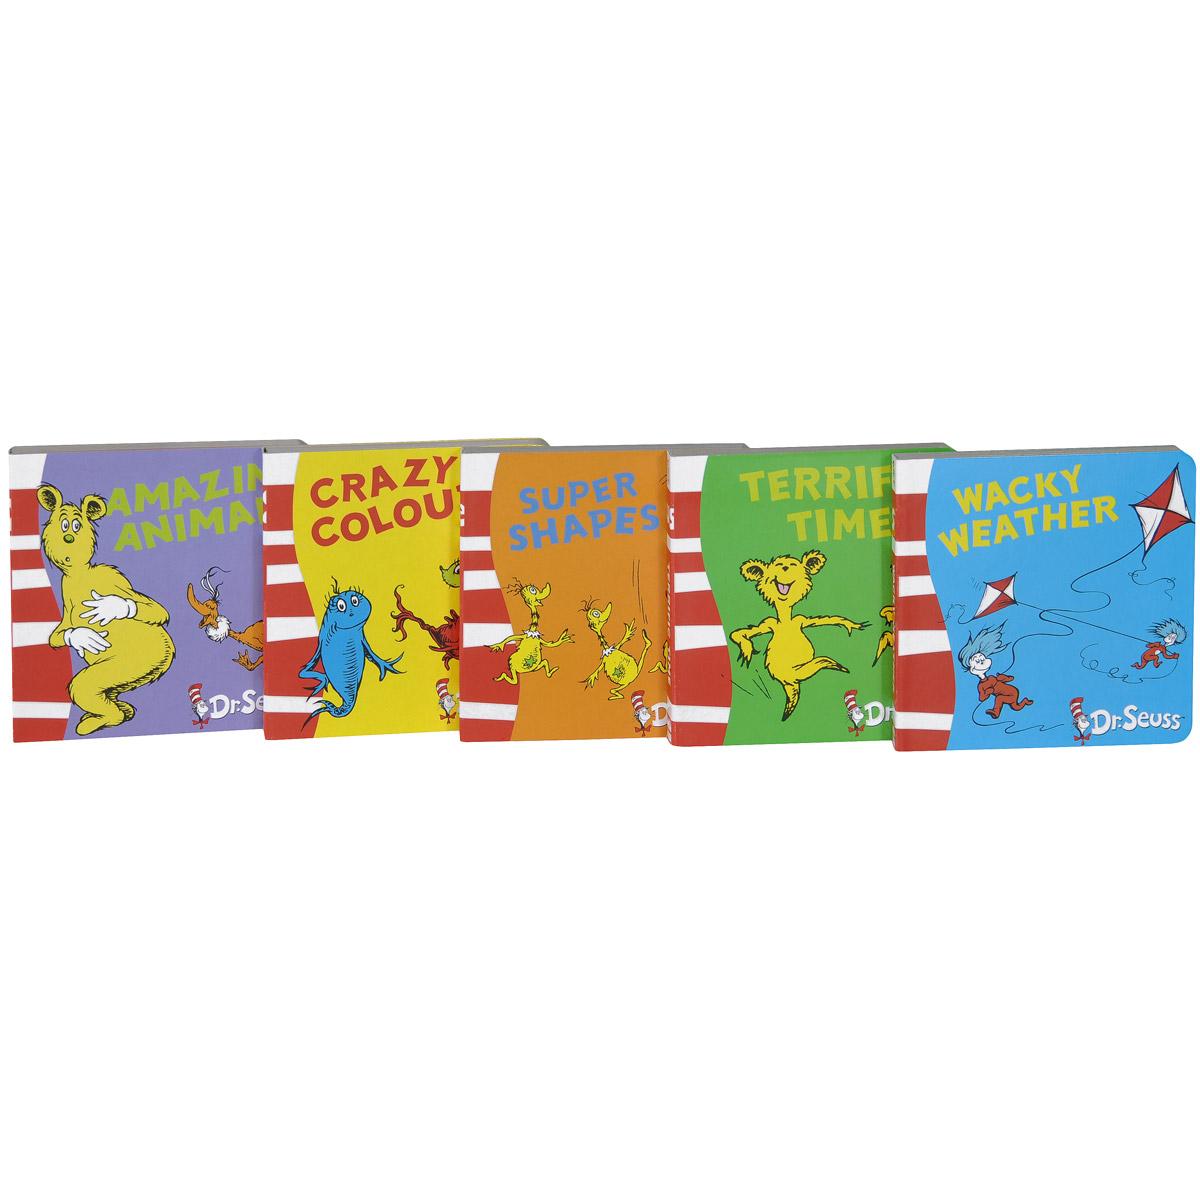 Dr. Seuss's Pocket Box of Fun! (комплект из 5 миниатюрных изданий)